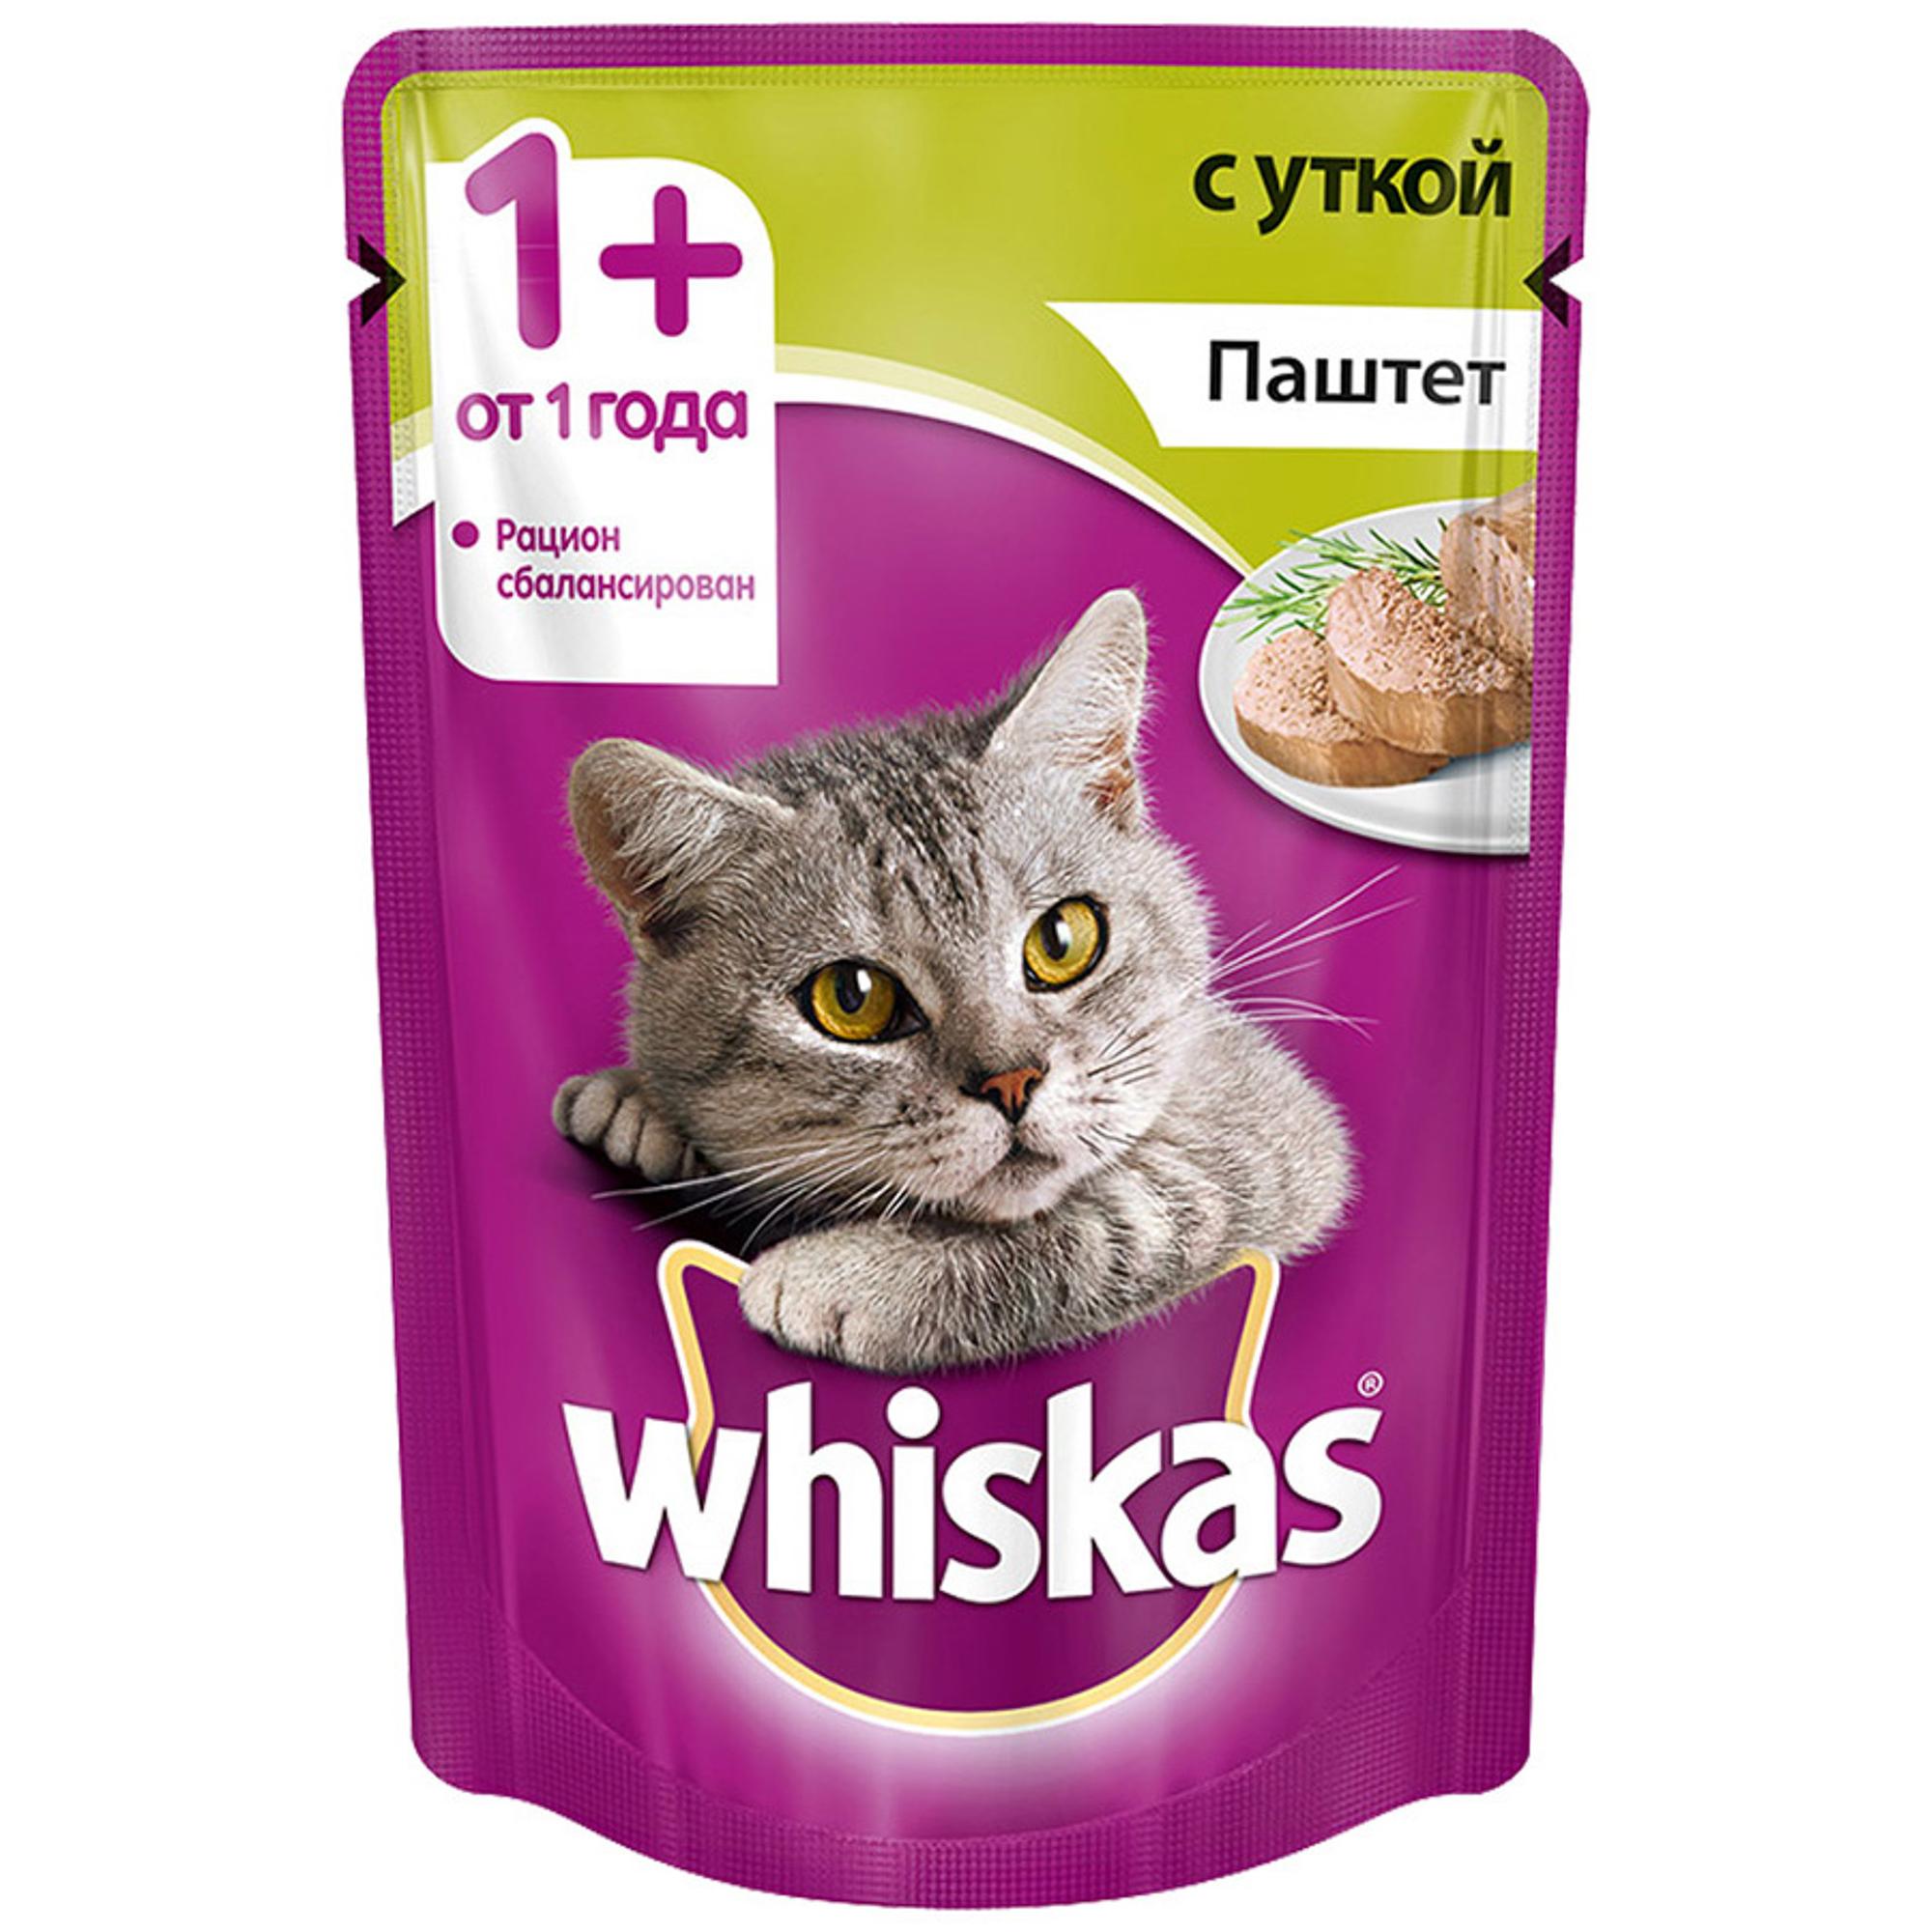 Корм для кошек Whiskas для кошек от 1 года, паштет с уткой, 85г фото